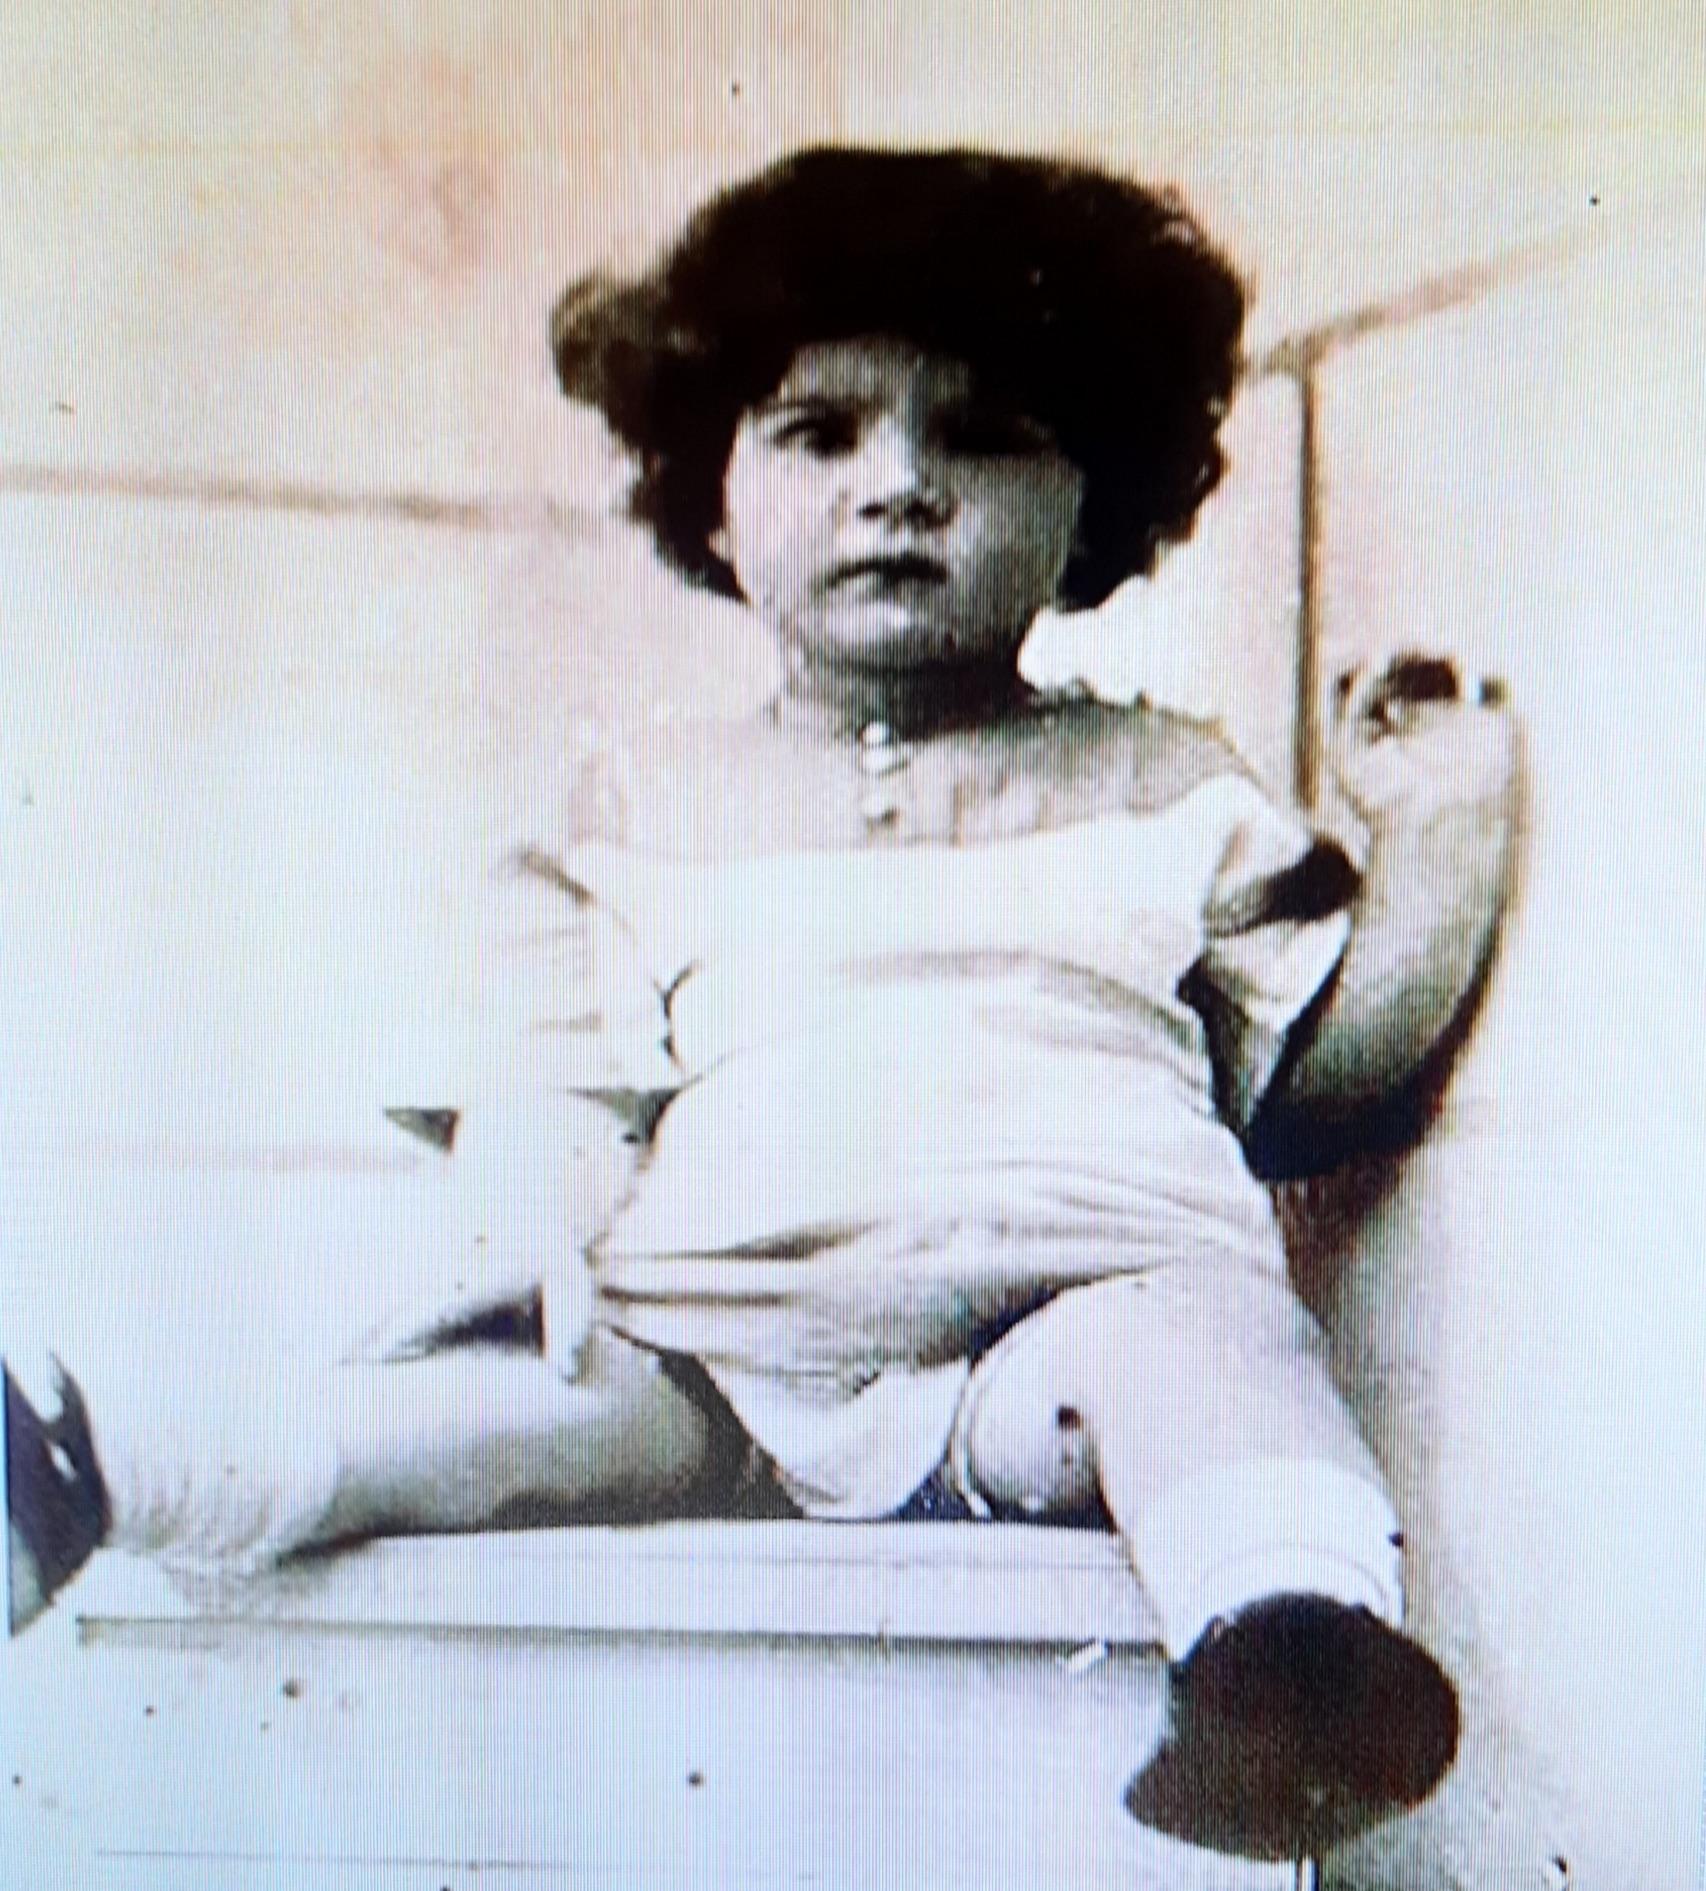 [portrait]Rose Lafoy est née en 1920